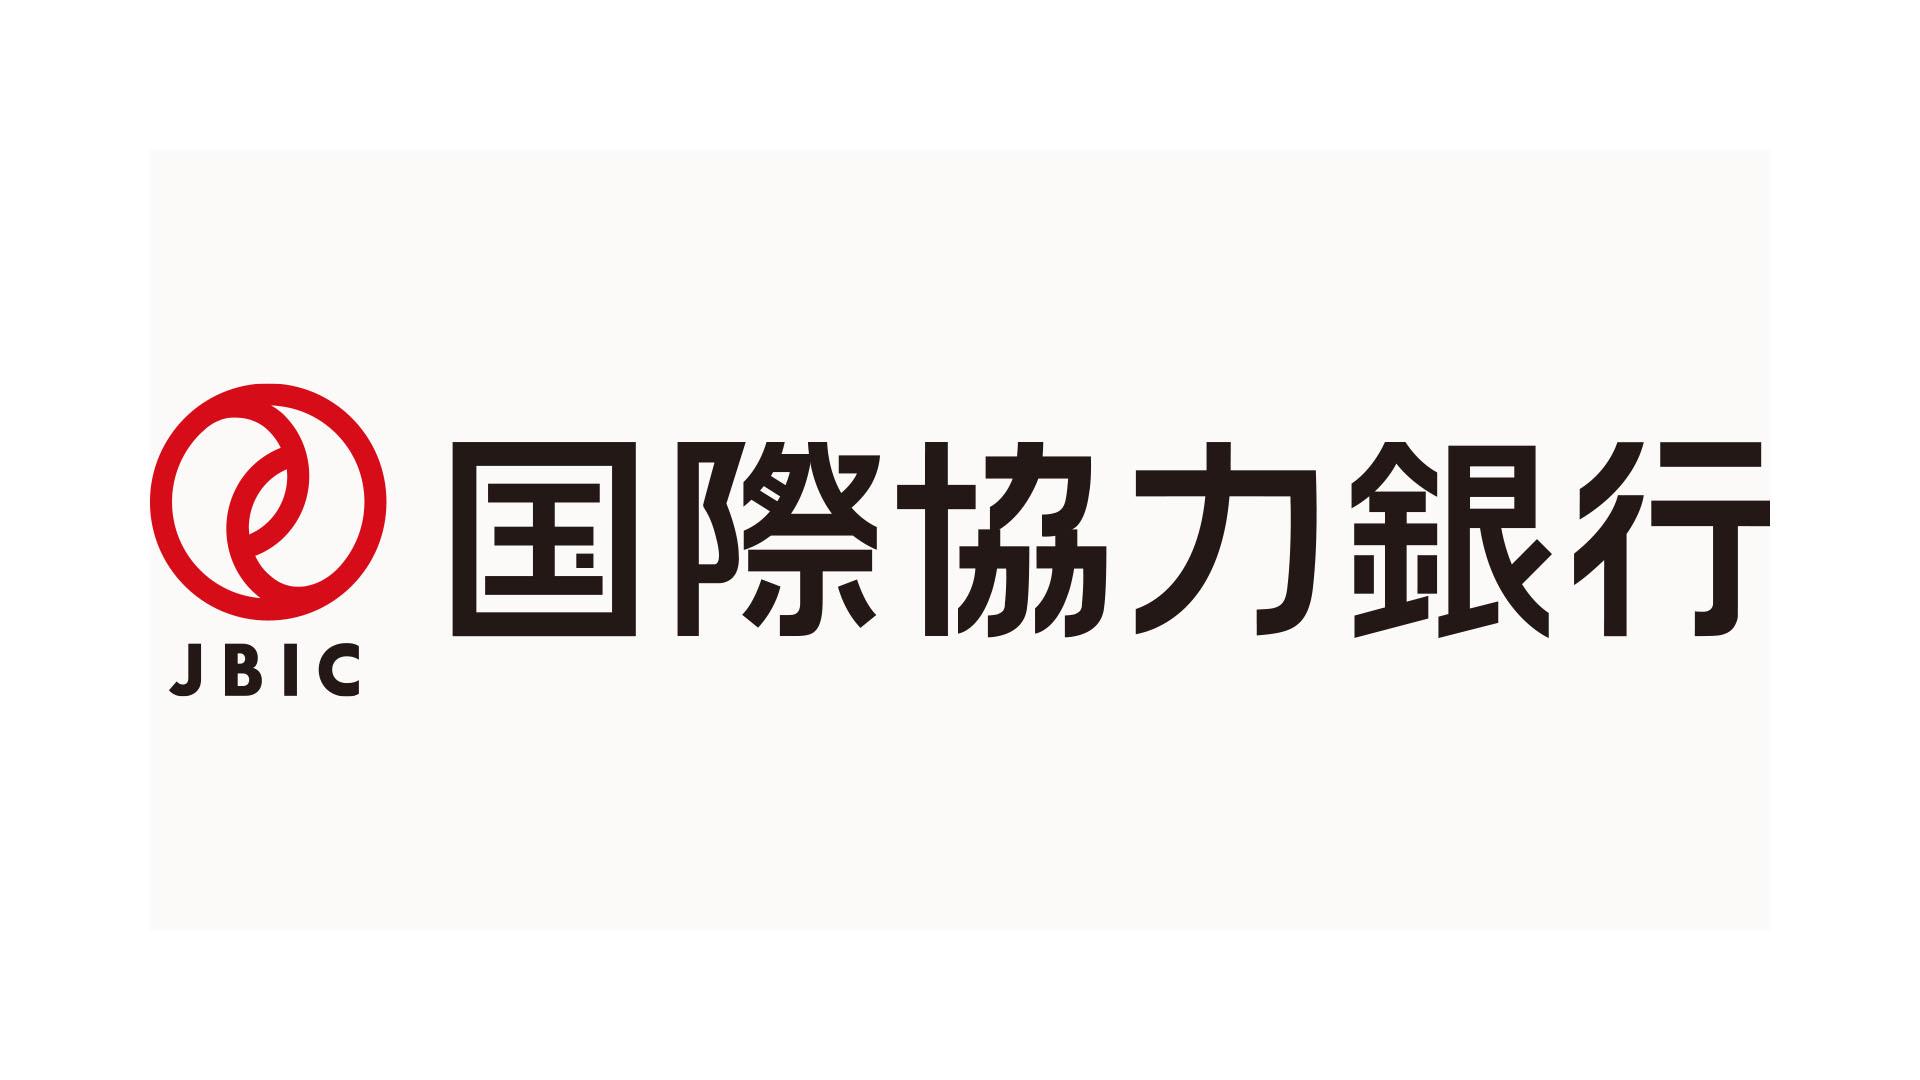 株式会社国際協力銀行